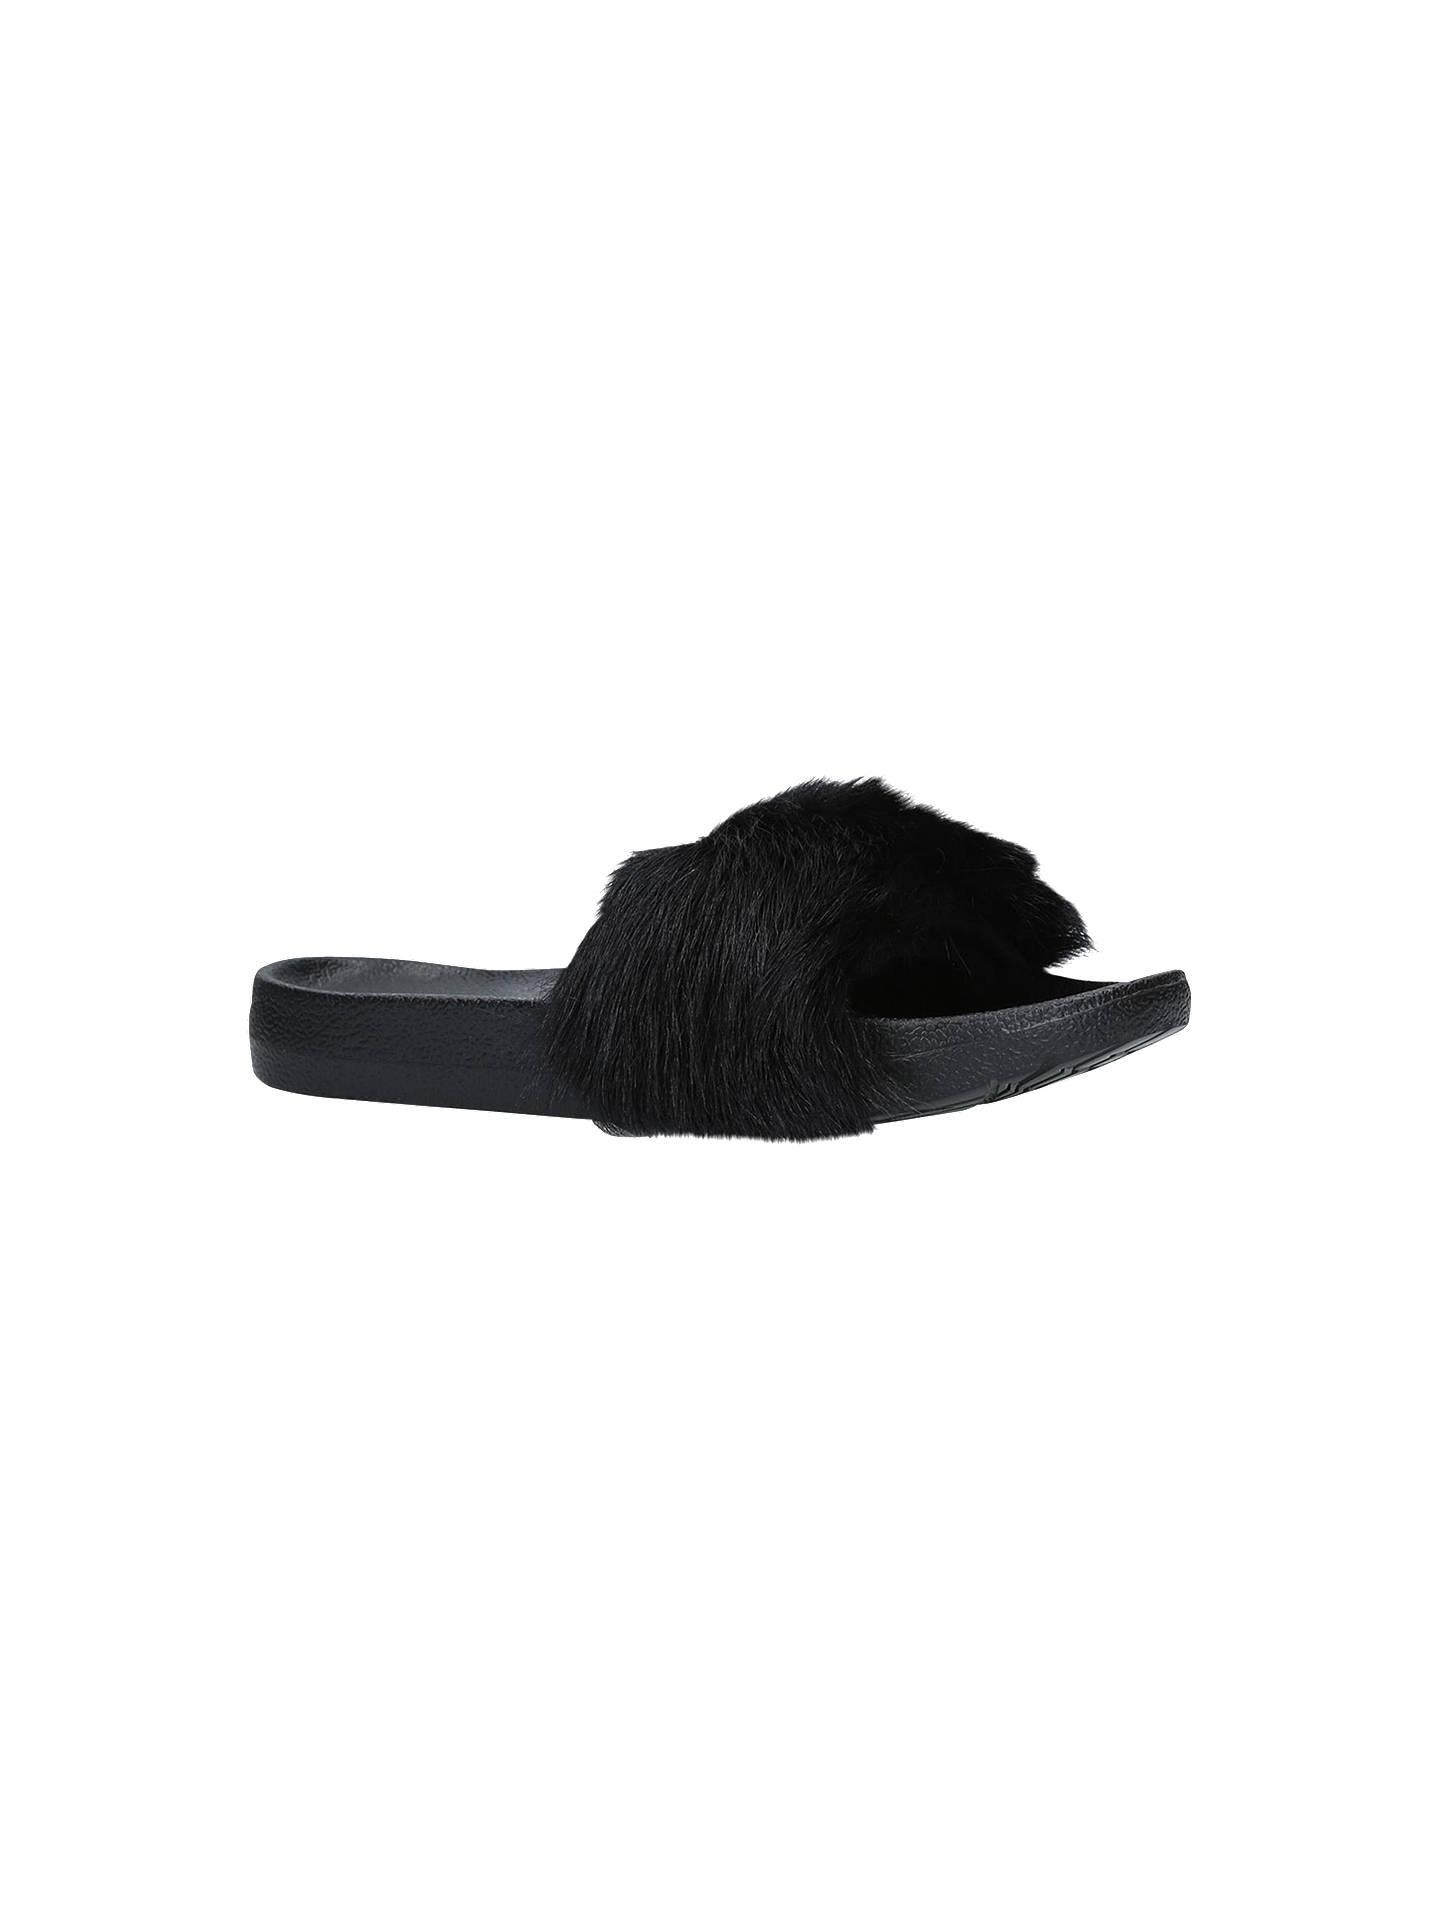 f705f09c14f UGG Royale Sheepskin Slider Sandals at John Lewis & Partners